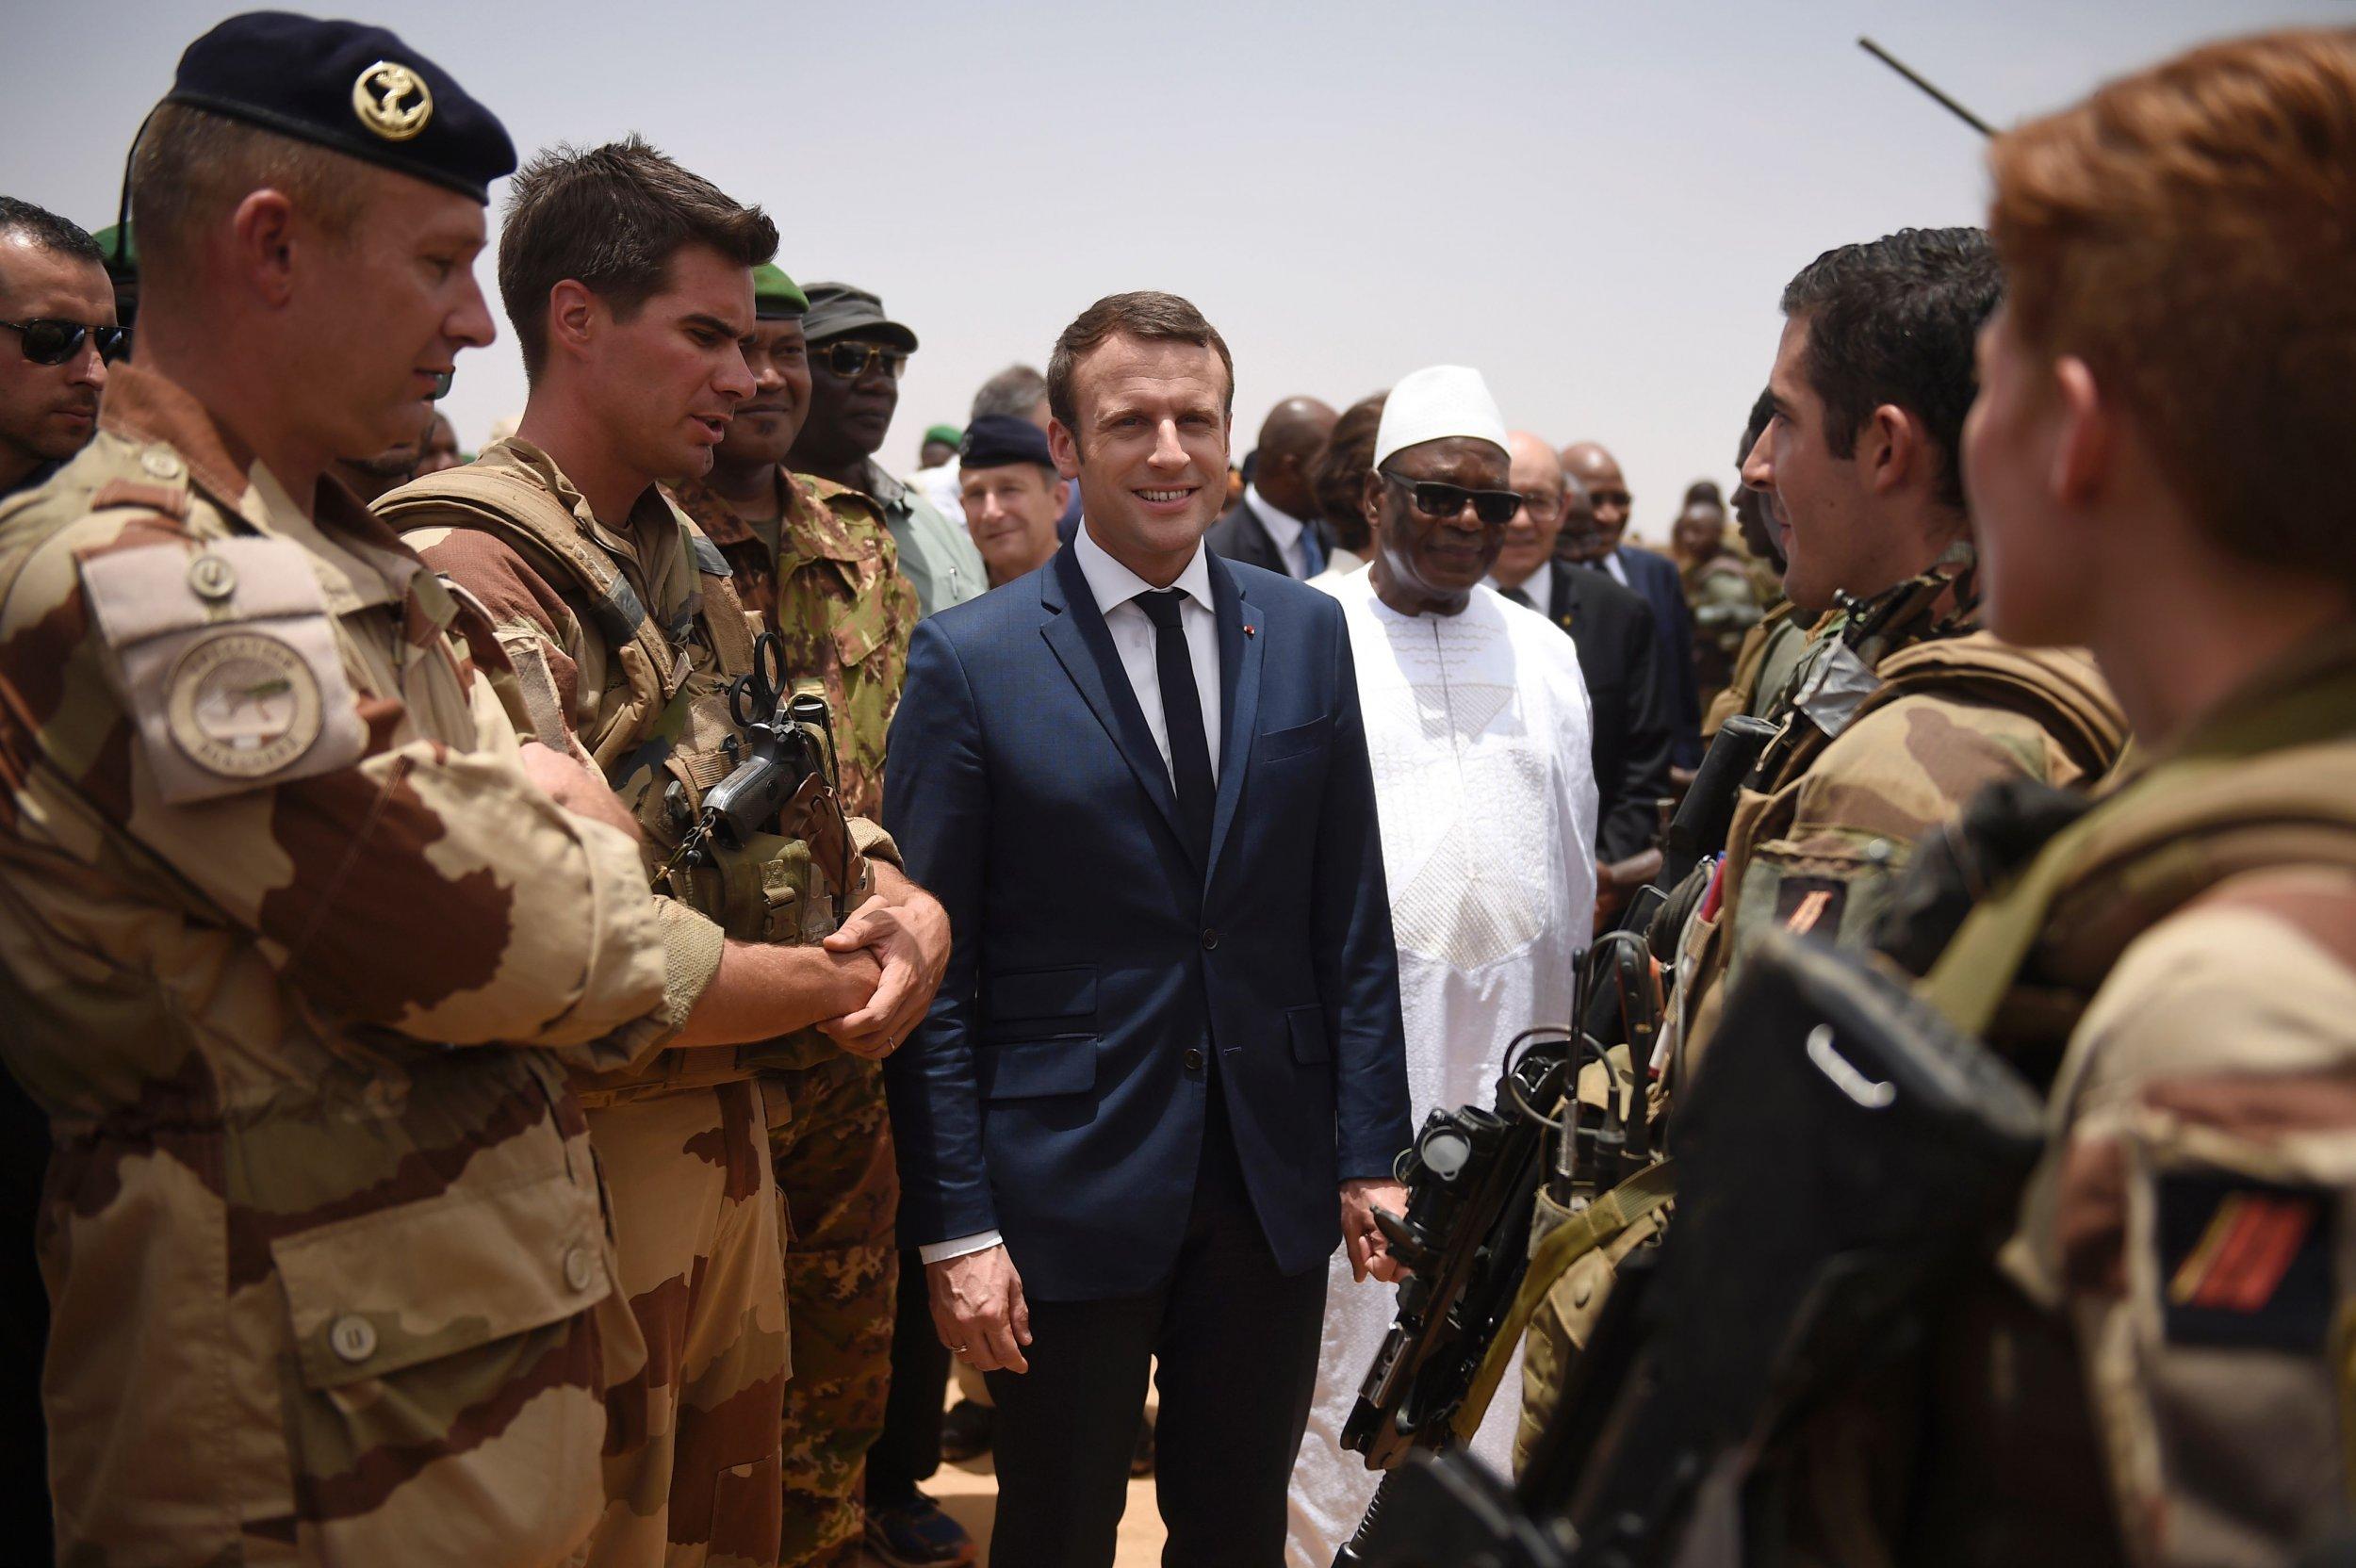 Emmanuel Macron in Mali